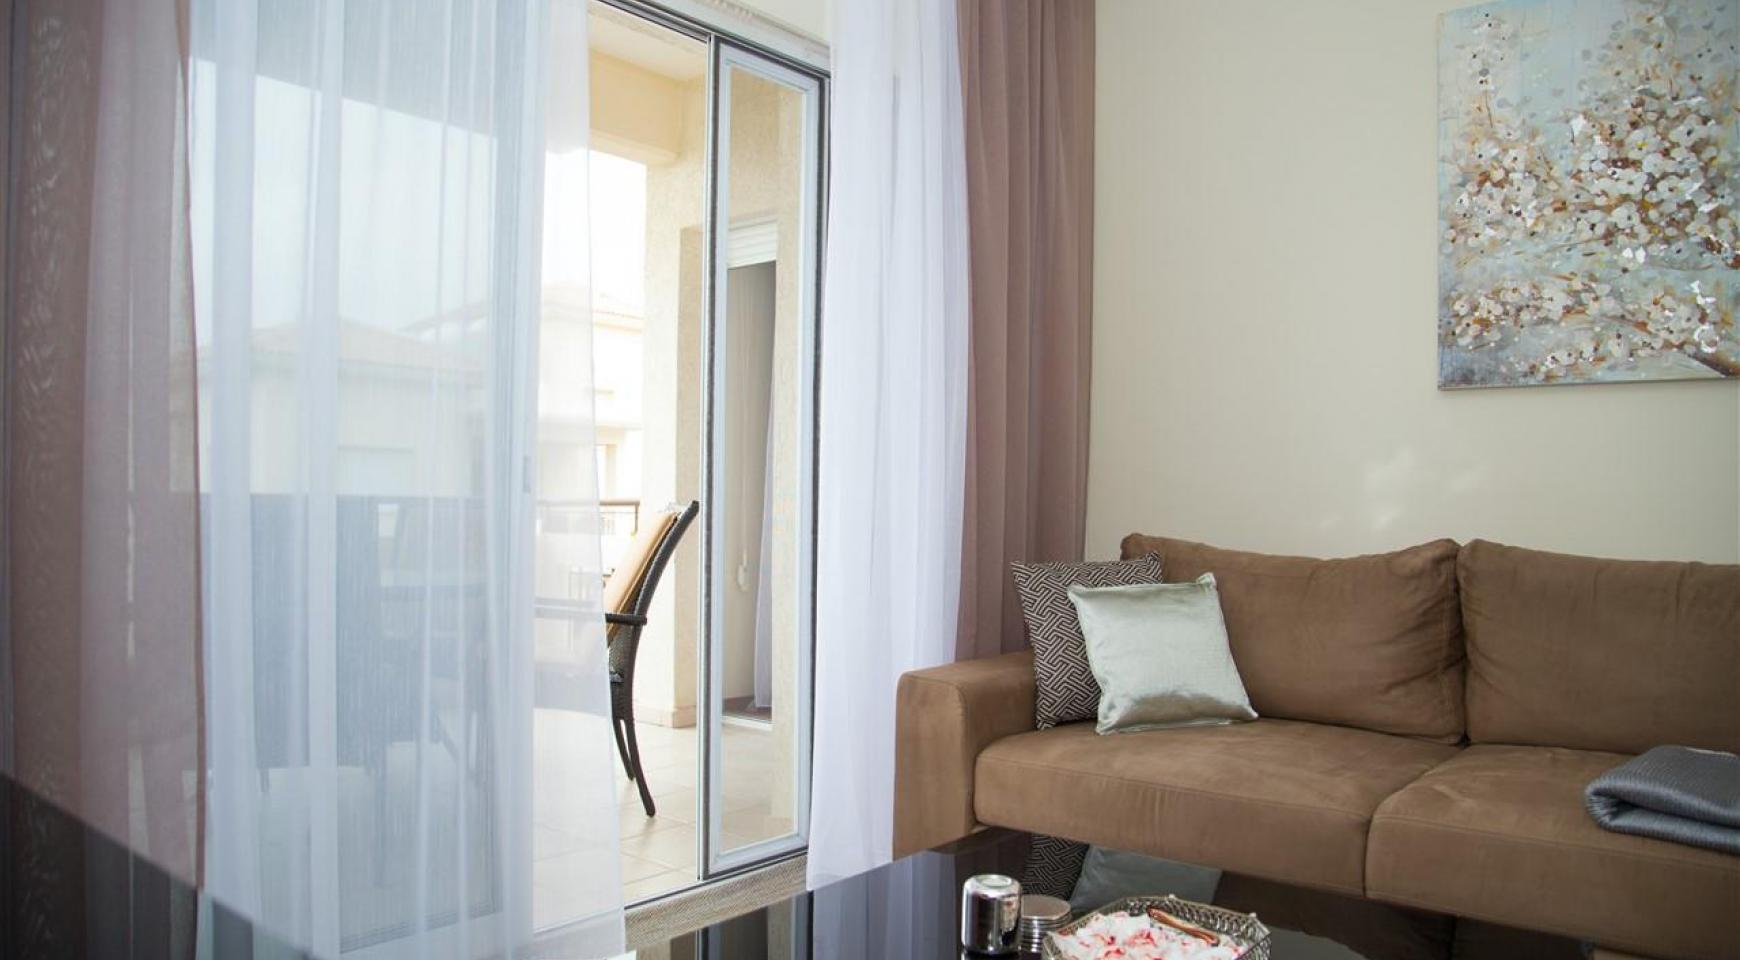 """2-Спальная Квартира - Люкс """"Mesogios Iris 304"""" в Туристической Зоне возле Моря - 4"""